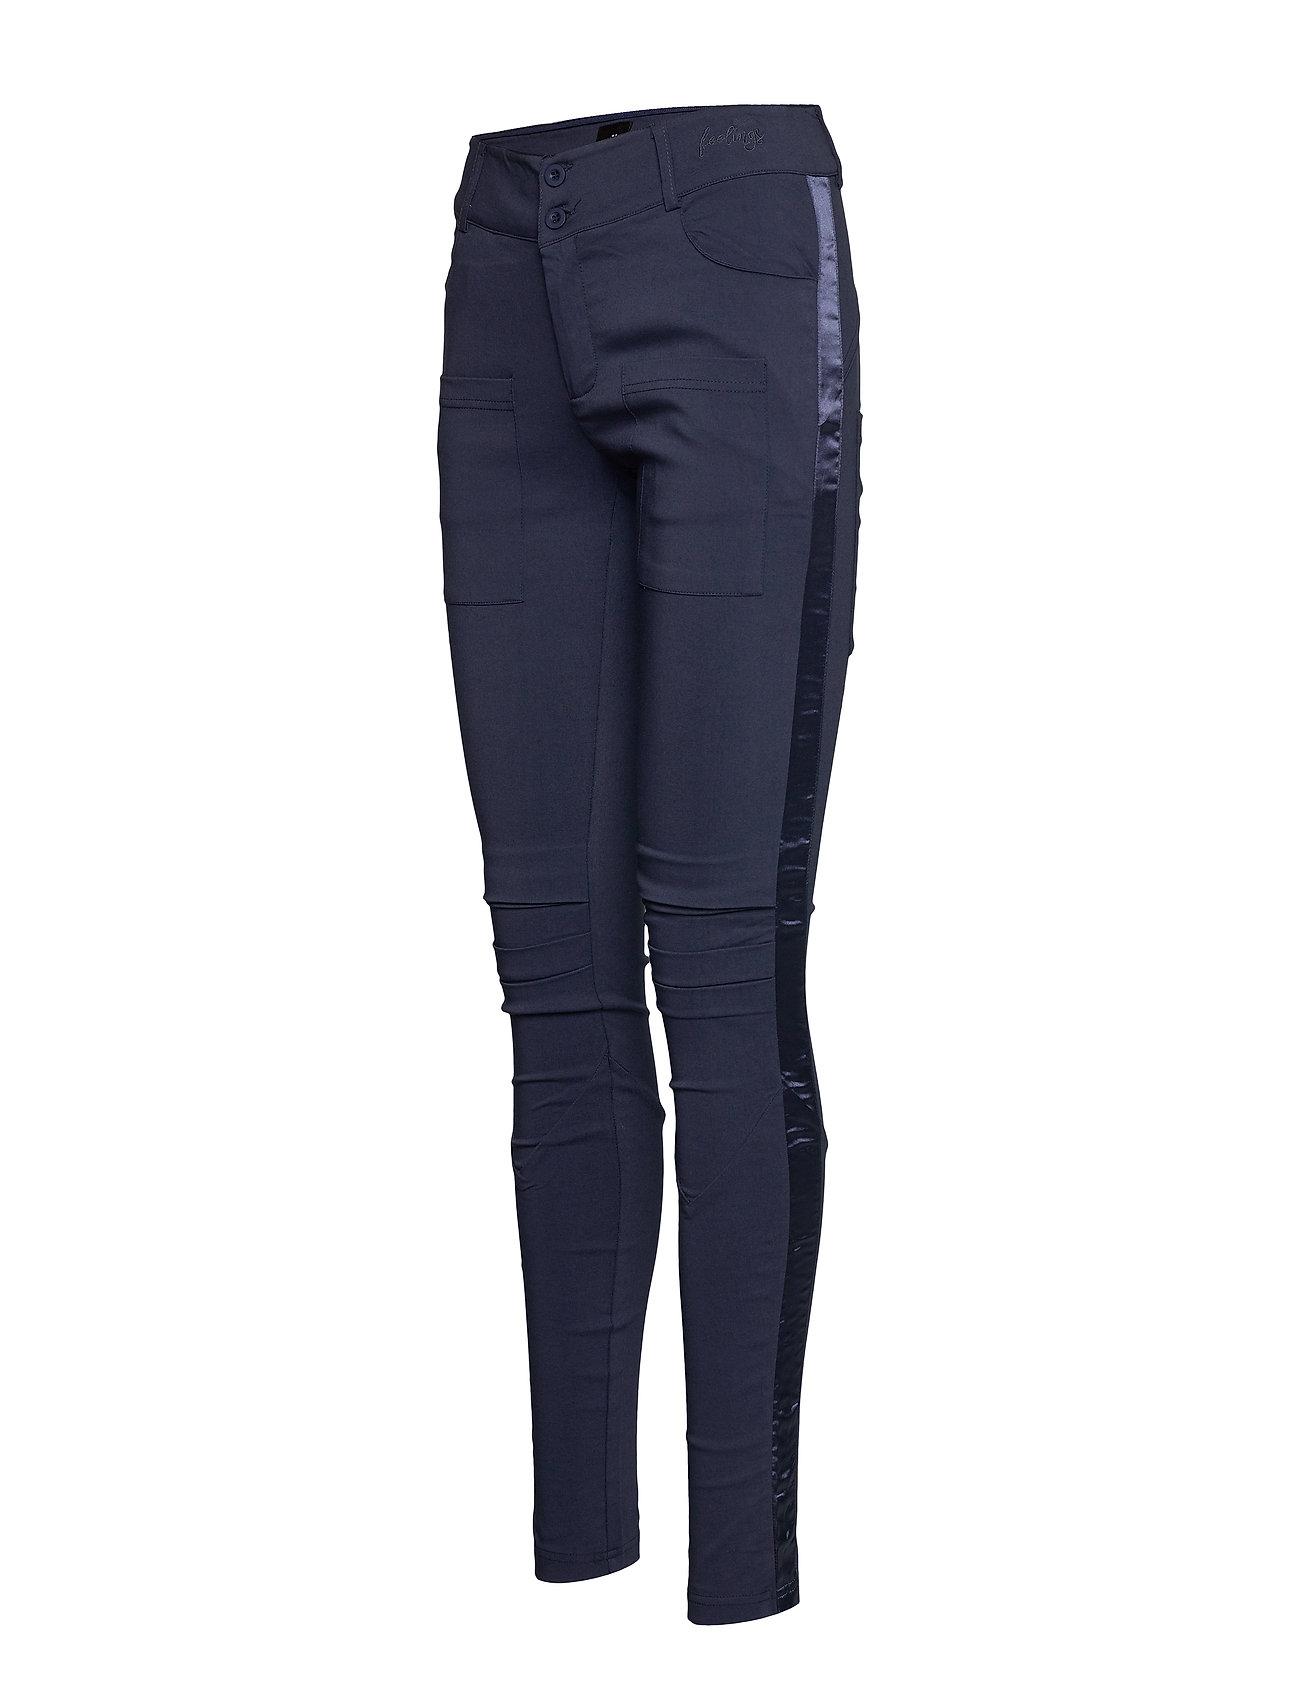 NÜ Denmark Nola Cue Pants (Black), 479.40